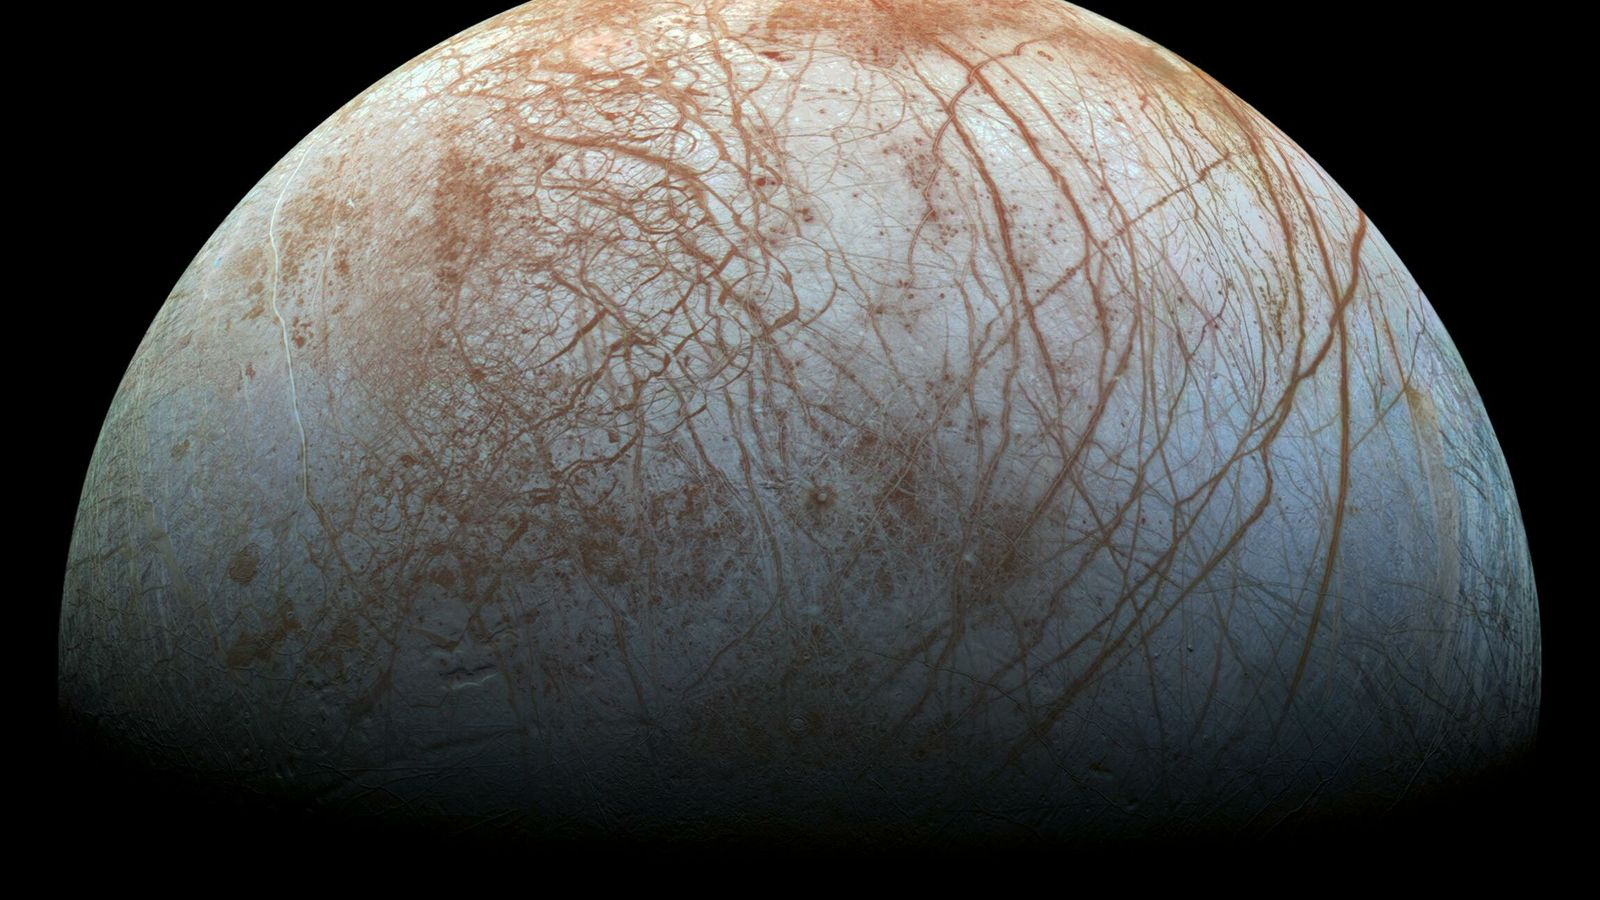 Europa, uma das luas de Júpiter descobertas por Galileu no século XVII e a sexta maior ...